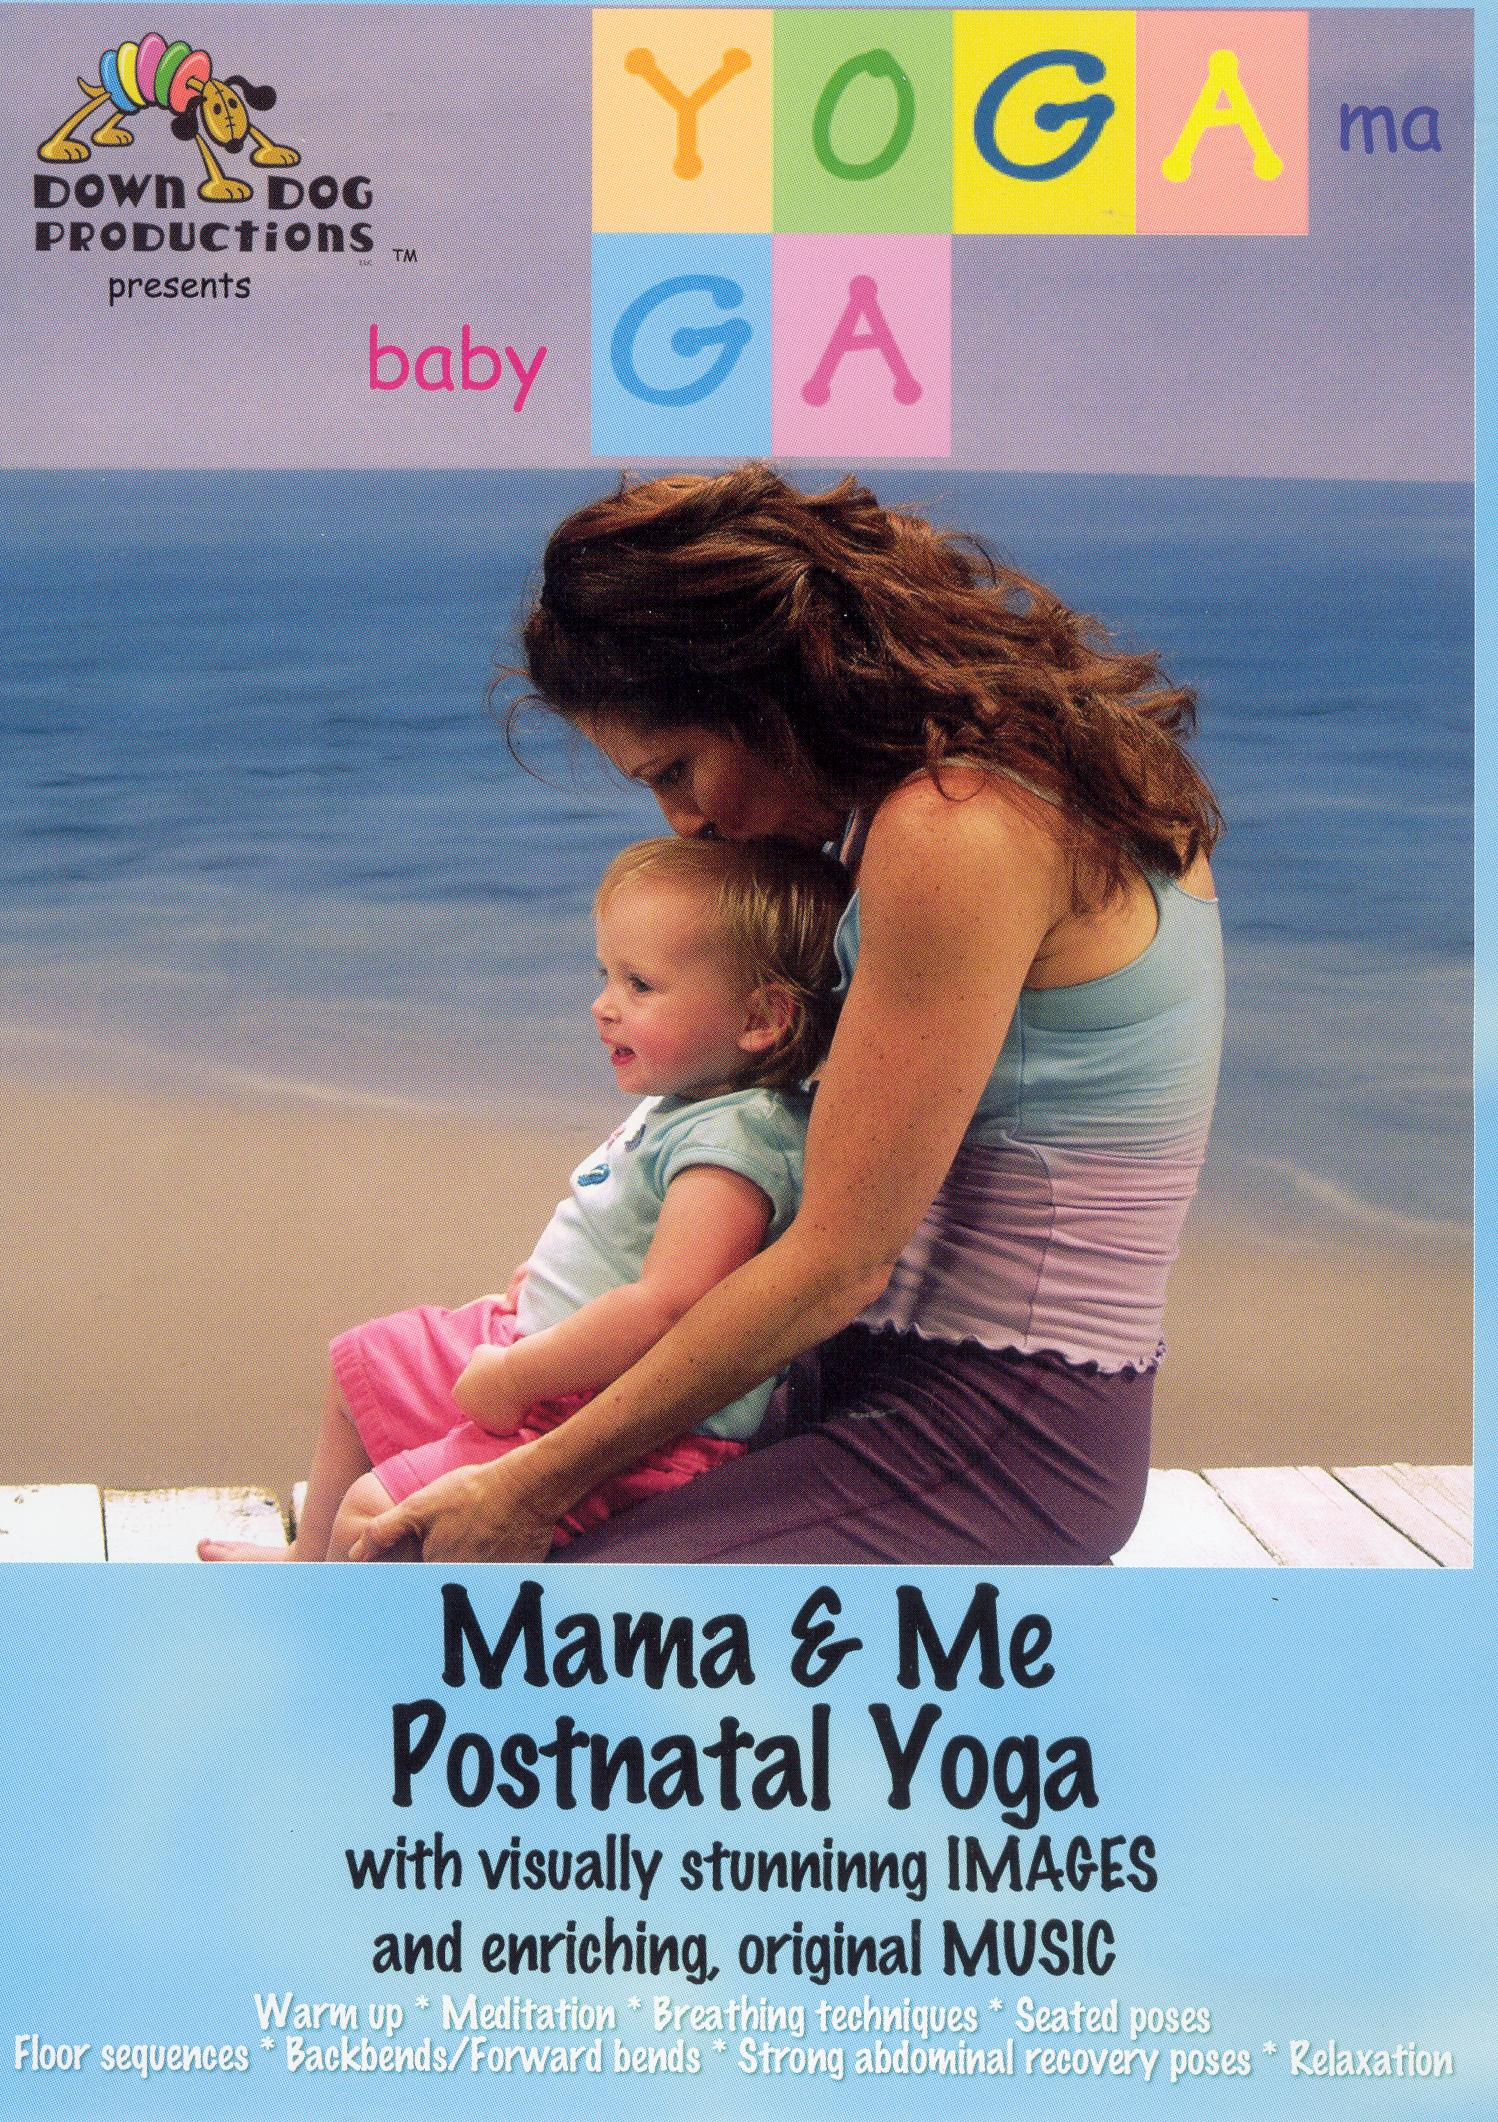 Yoga Ma Baby Ga: Mama & Me Postnatal Yoga